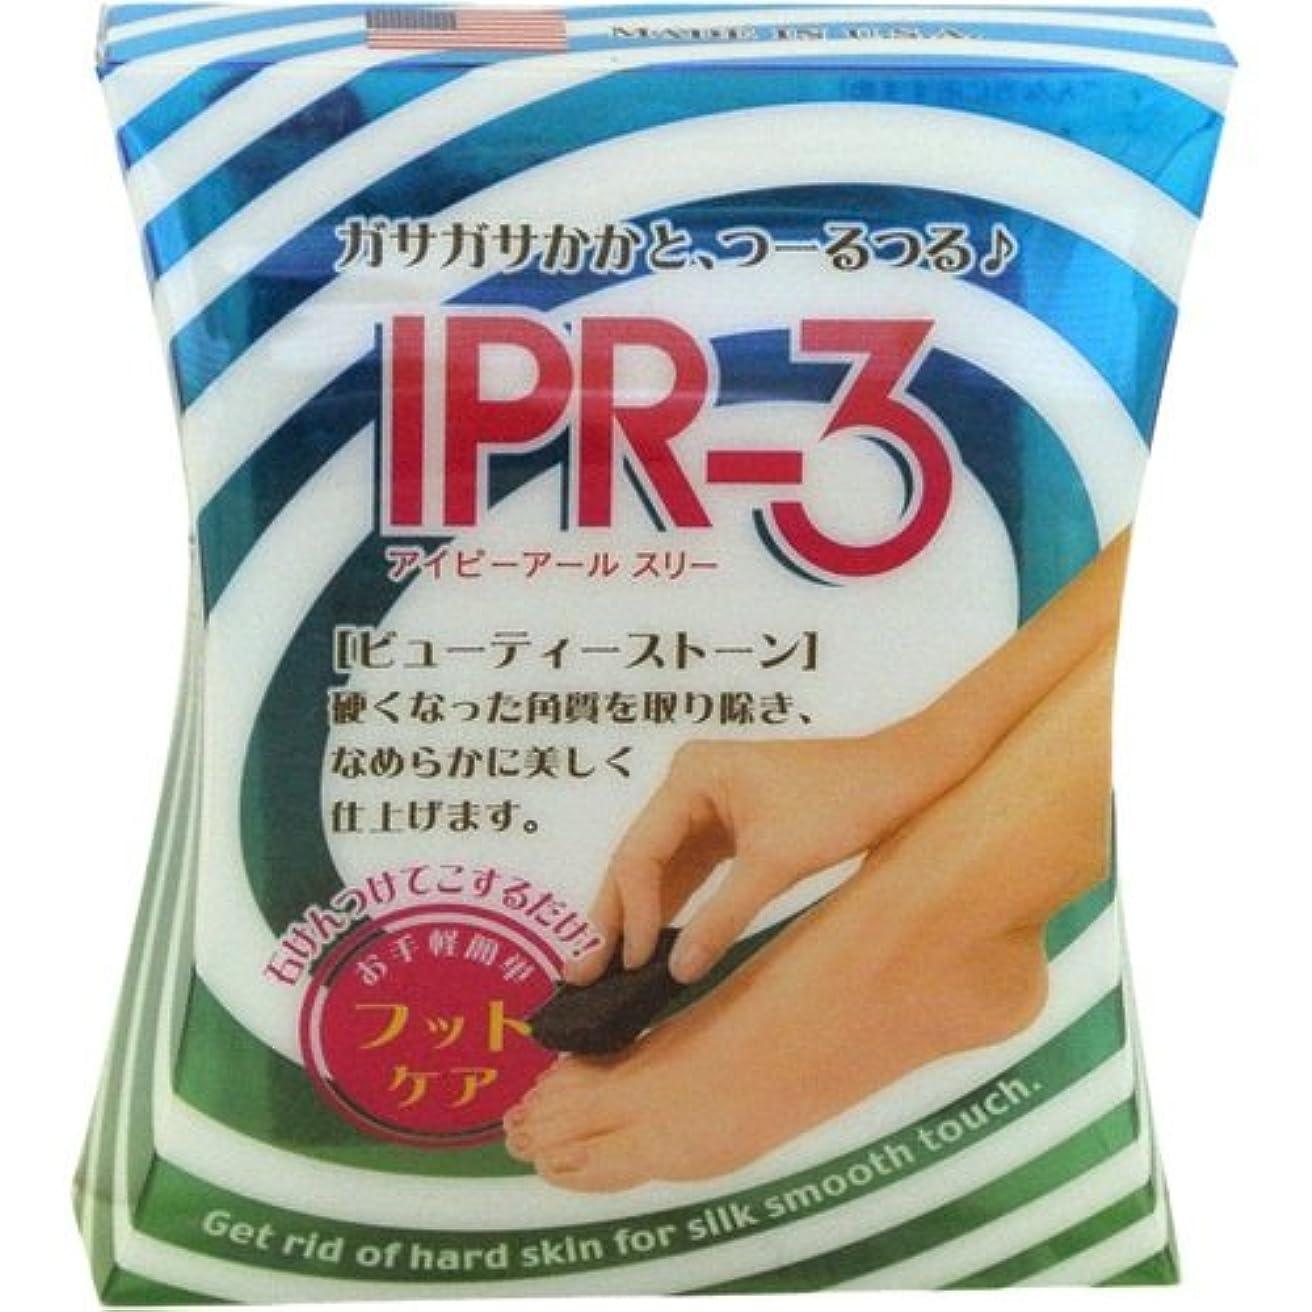 従うプロット生態学IPR-3(アイピーアールスリー) ビューティーストーン